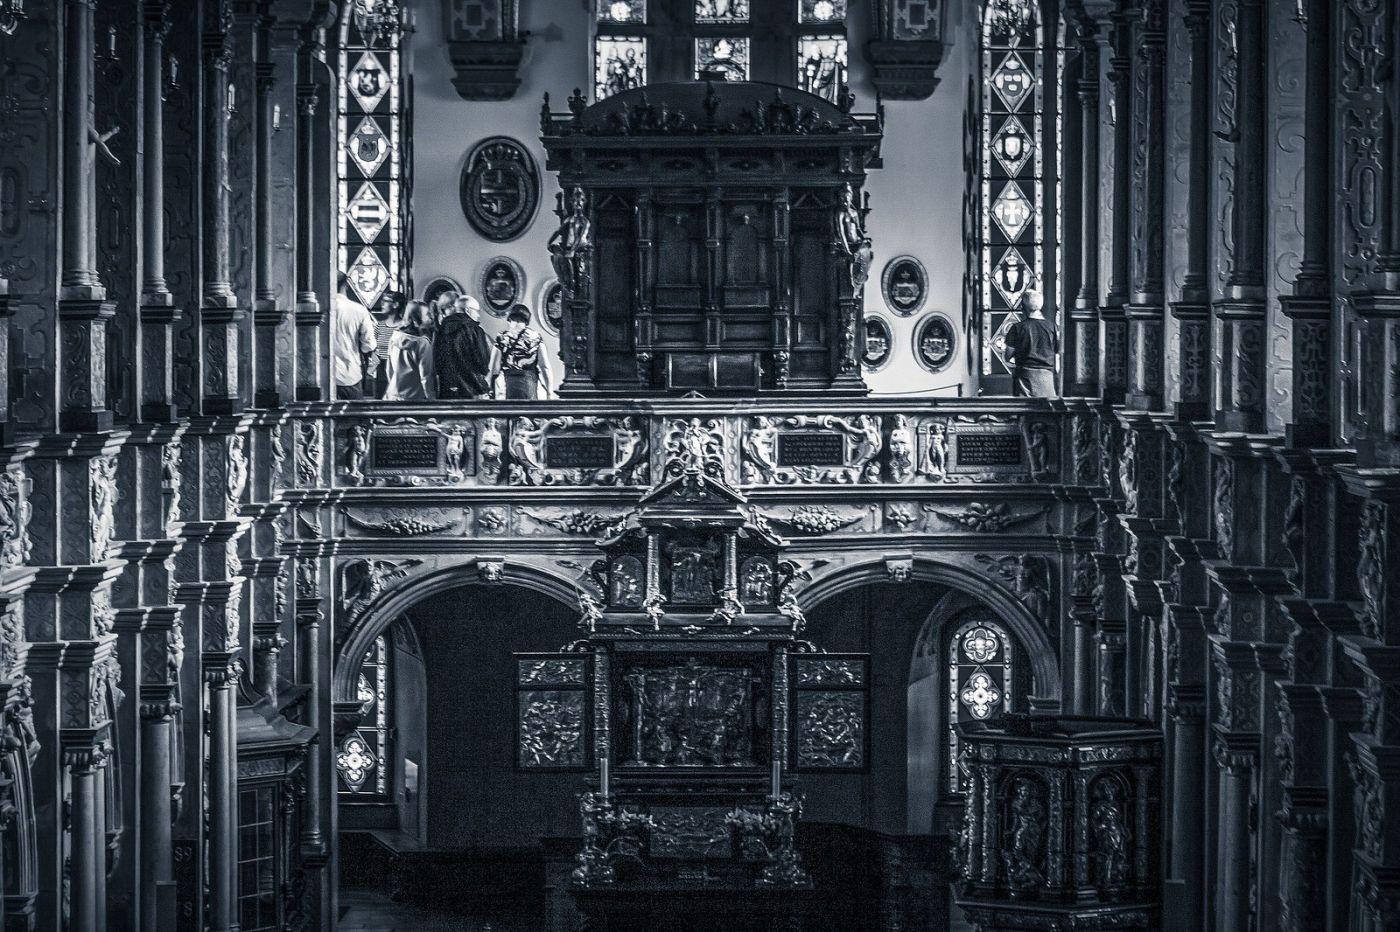 丹麦腓特烈堡城堡,回看历史_图1-14